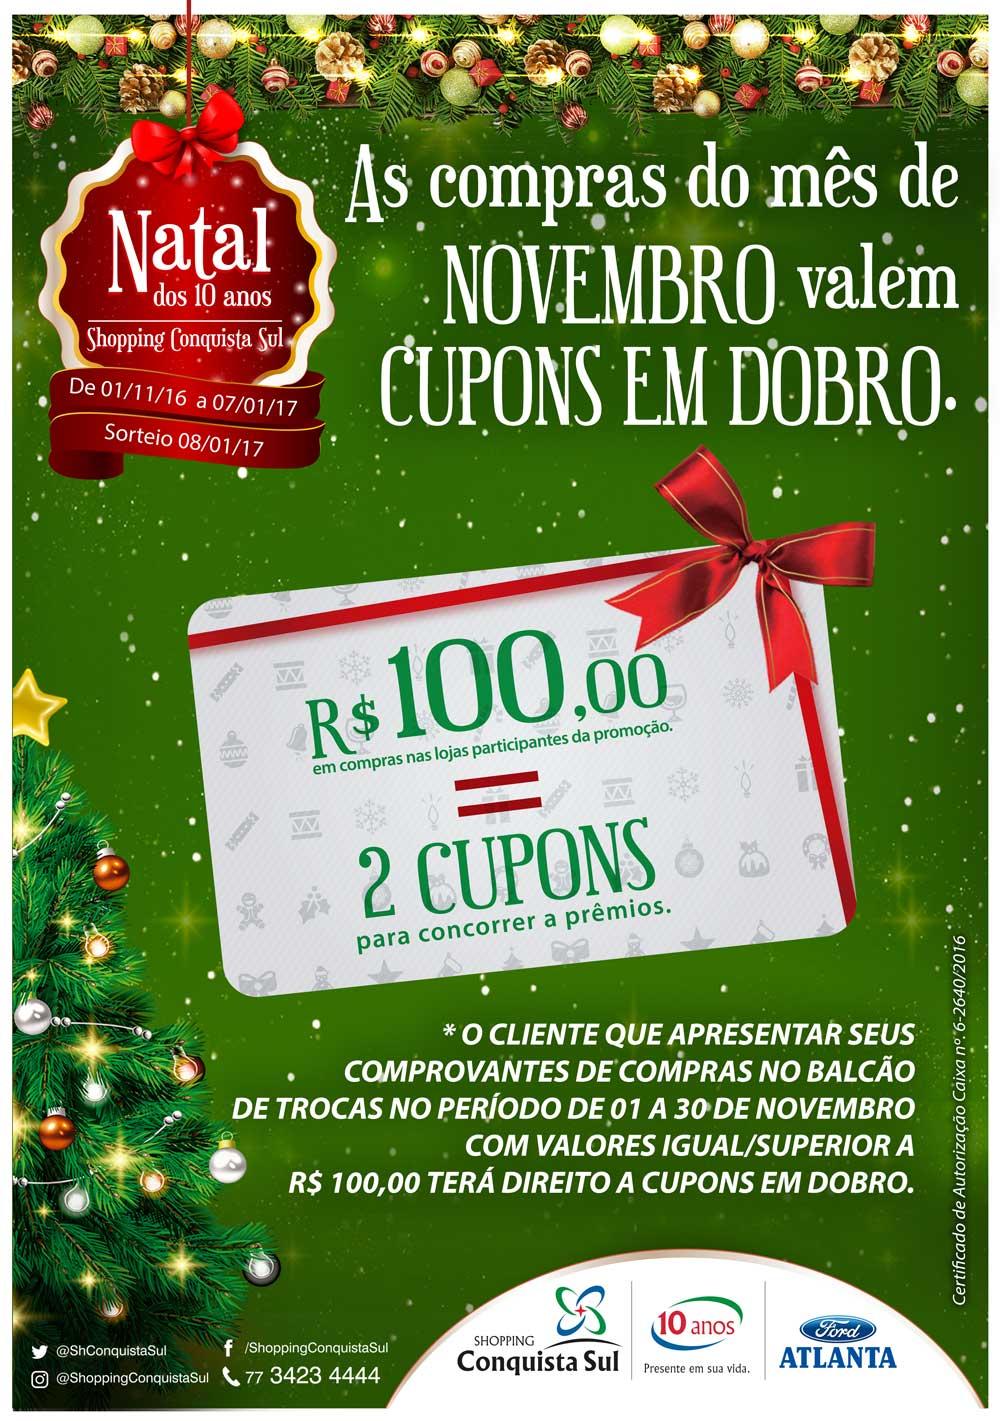 digitais_news-950x1024_natal-dos_10anos_scs_11-11-16_